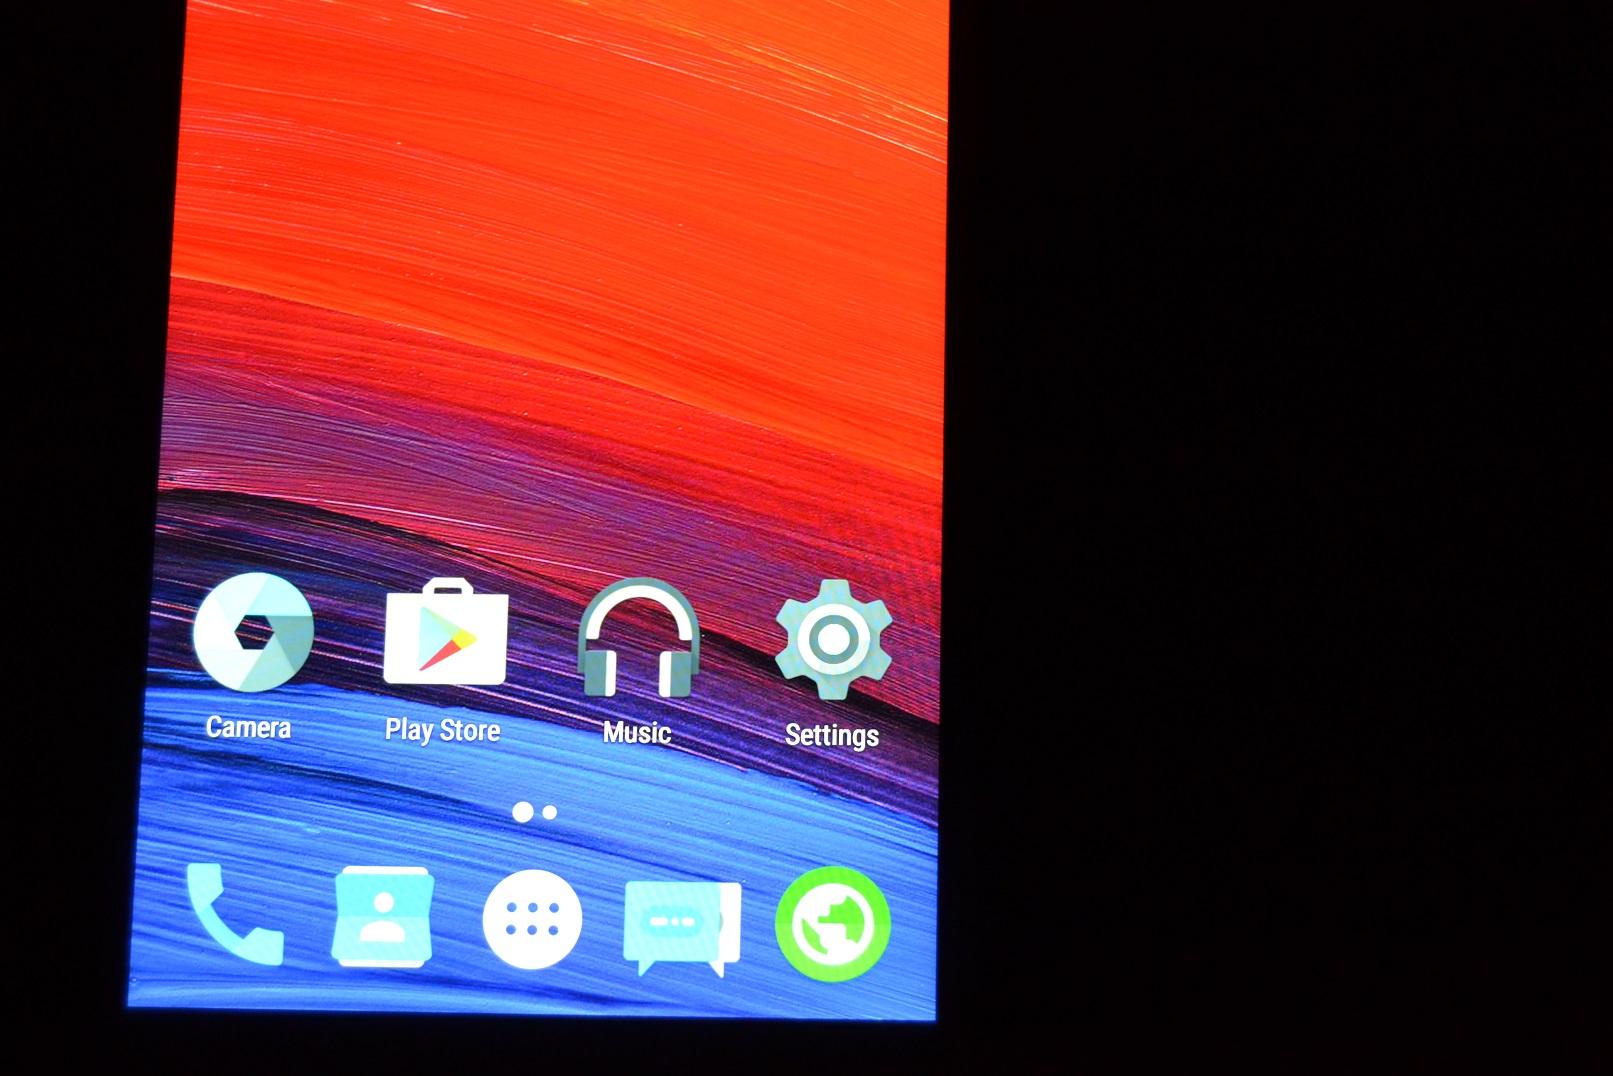 DSC_0439 REVIEW display UMi Touch si comparat cu UMi Super, tot partea de display